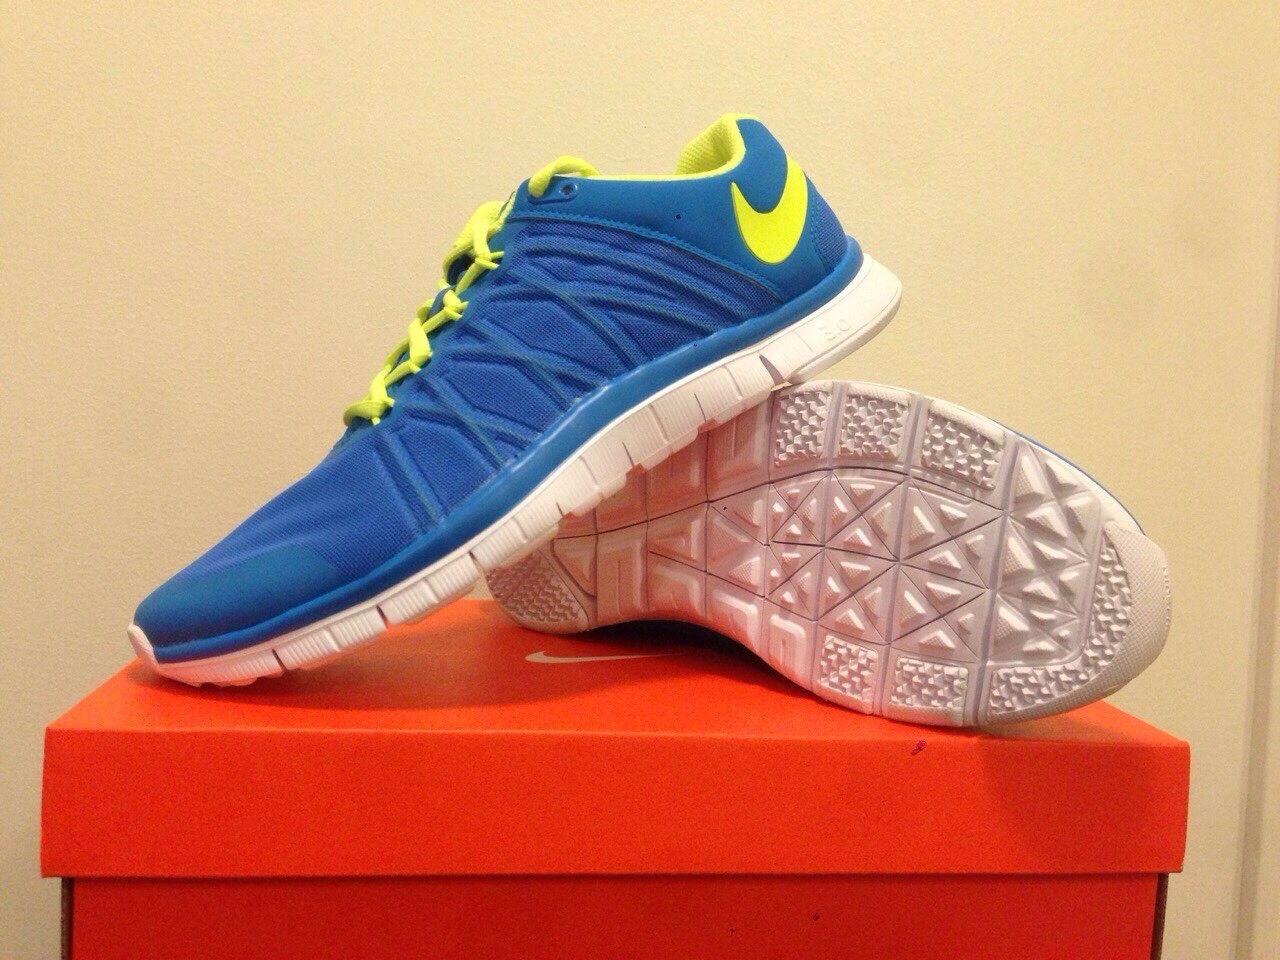 Nike bei free trainer 3.0 (blau) bei Nike uns größe 9,5 (keine kiste umschlag) ad9a01